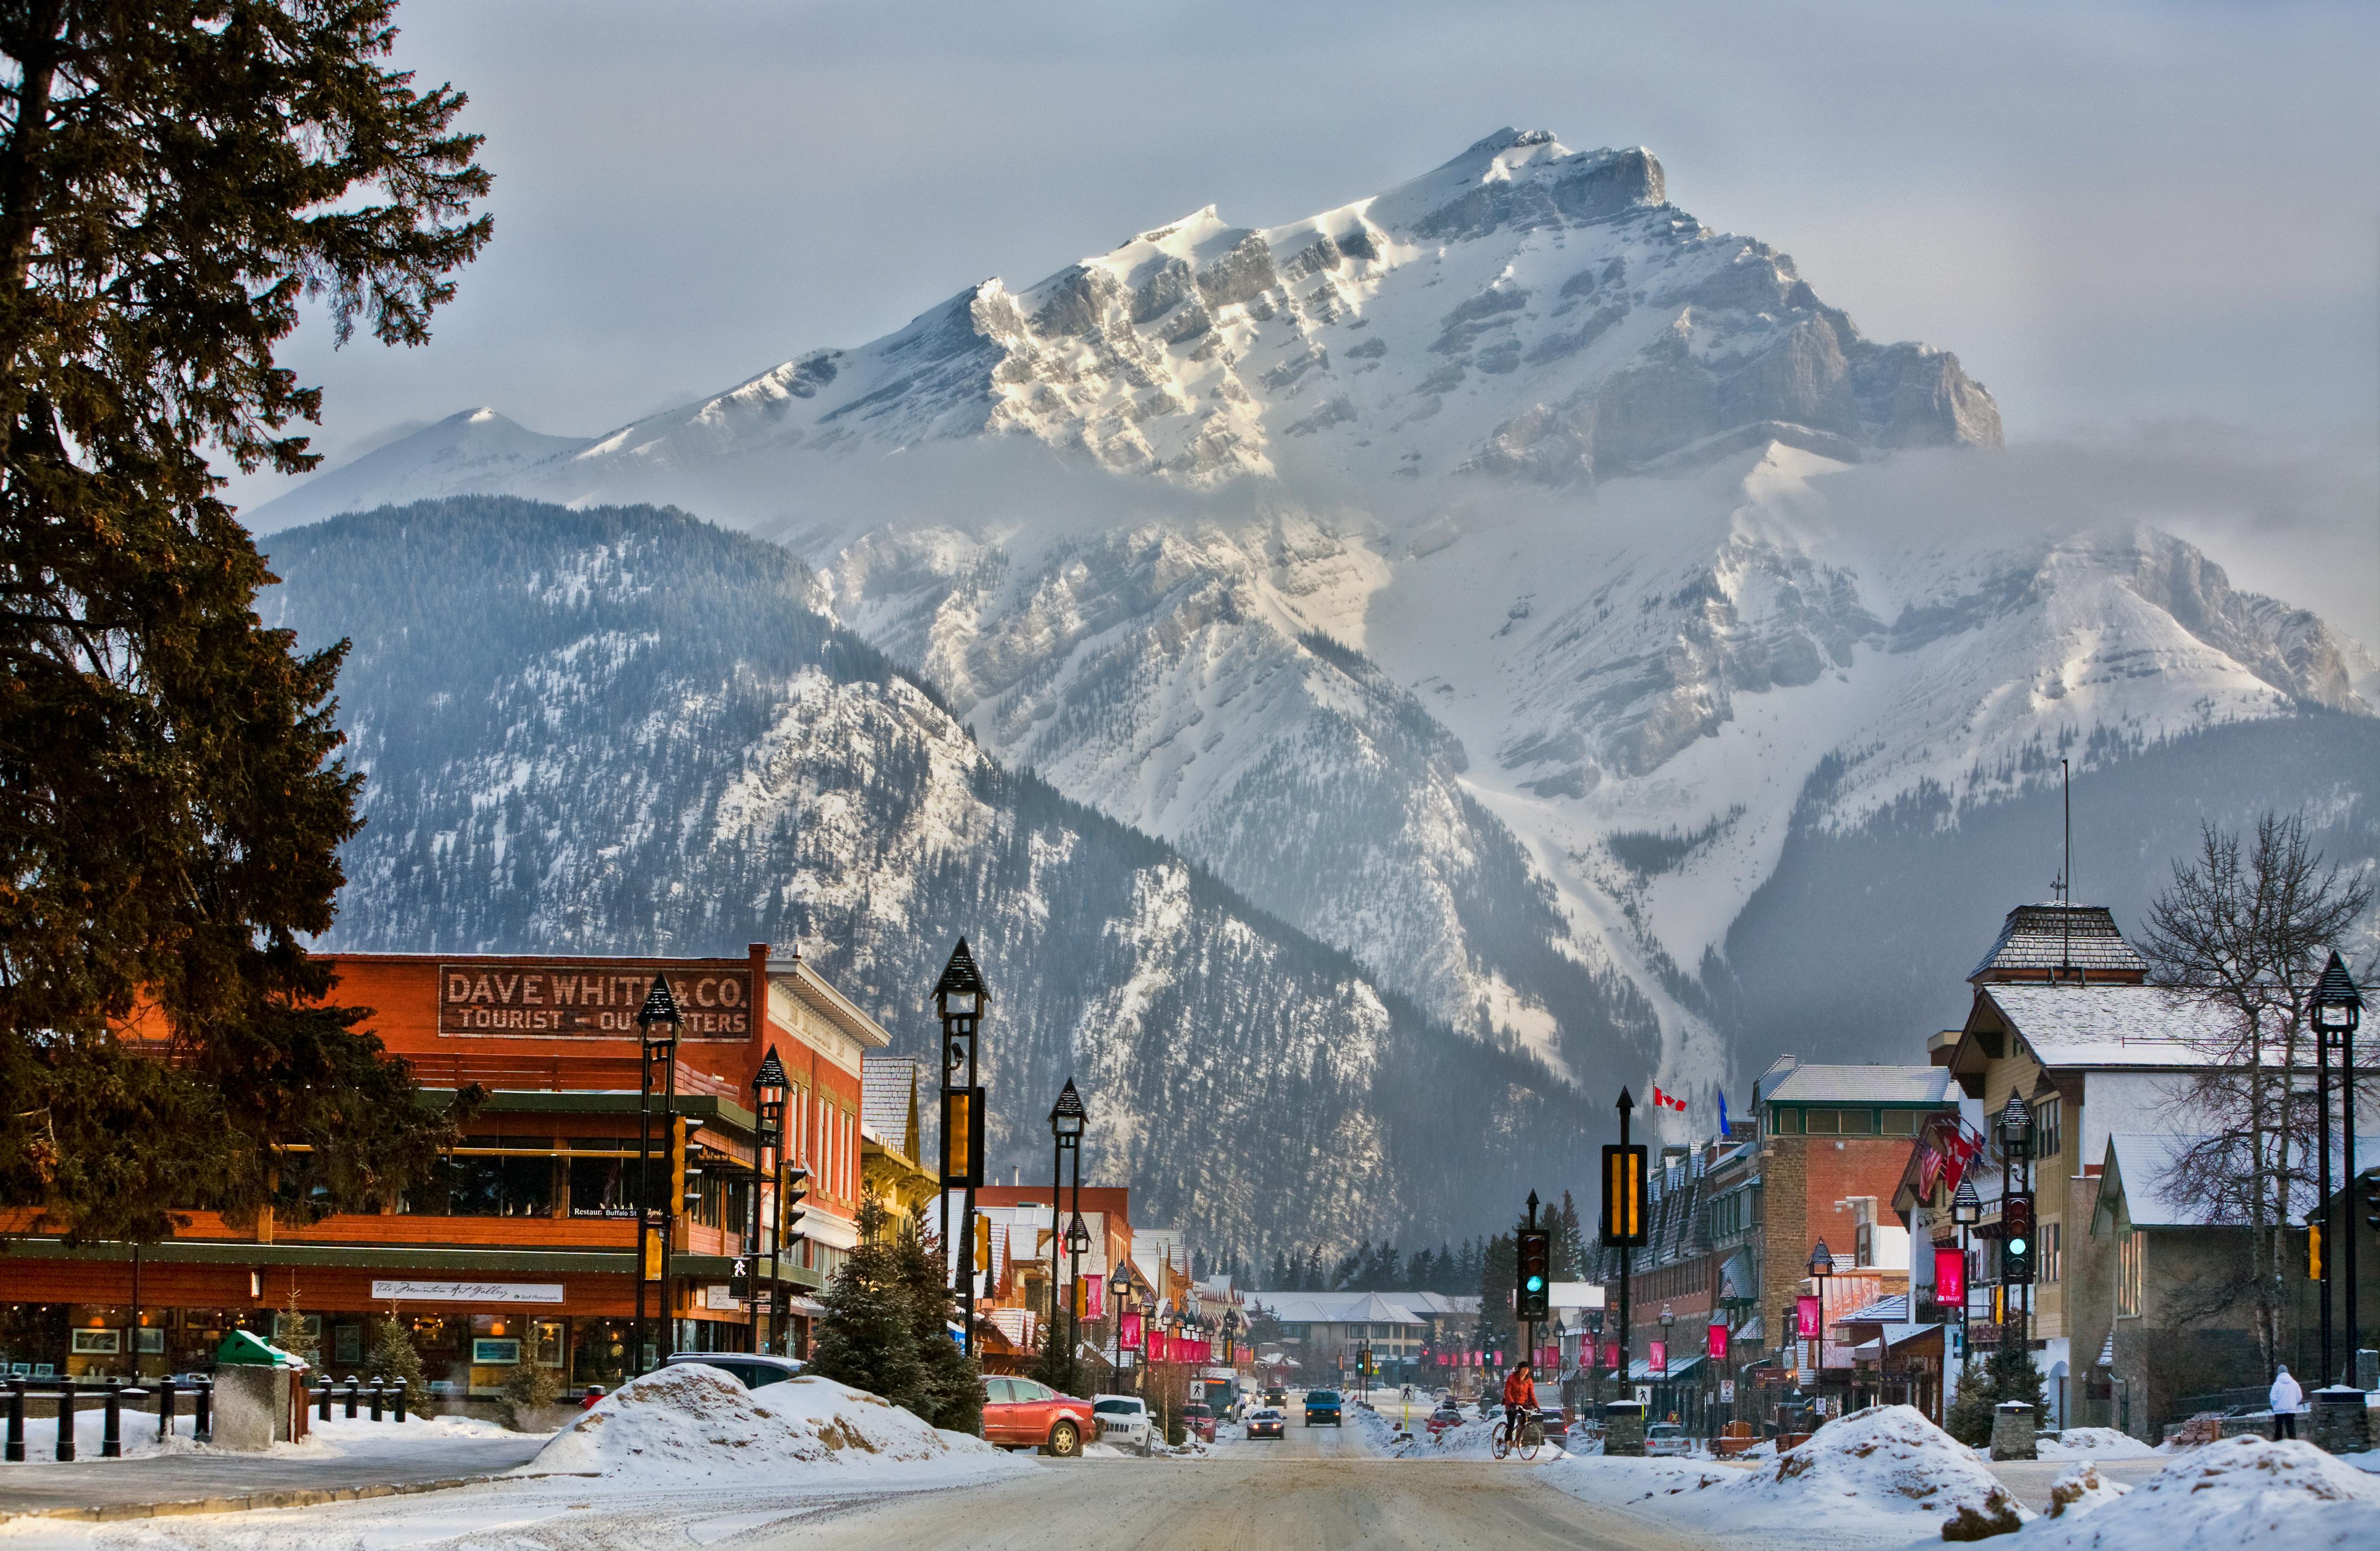 In de voorjaarsvakantie gaan skiën in Banff met het gezin. Hier ontvang je een gratis liftpas voor kinderen onder de 13 jaar